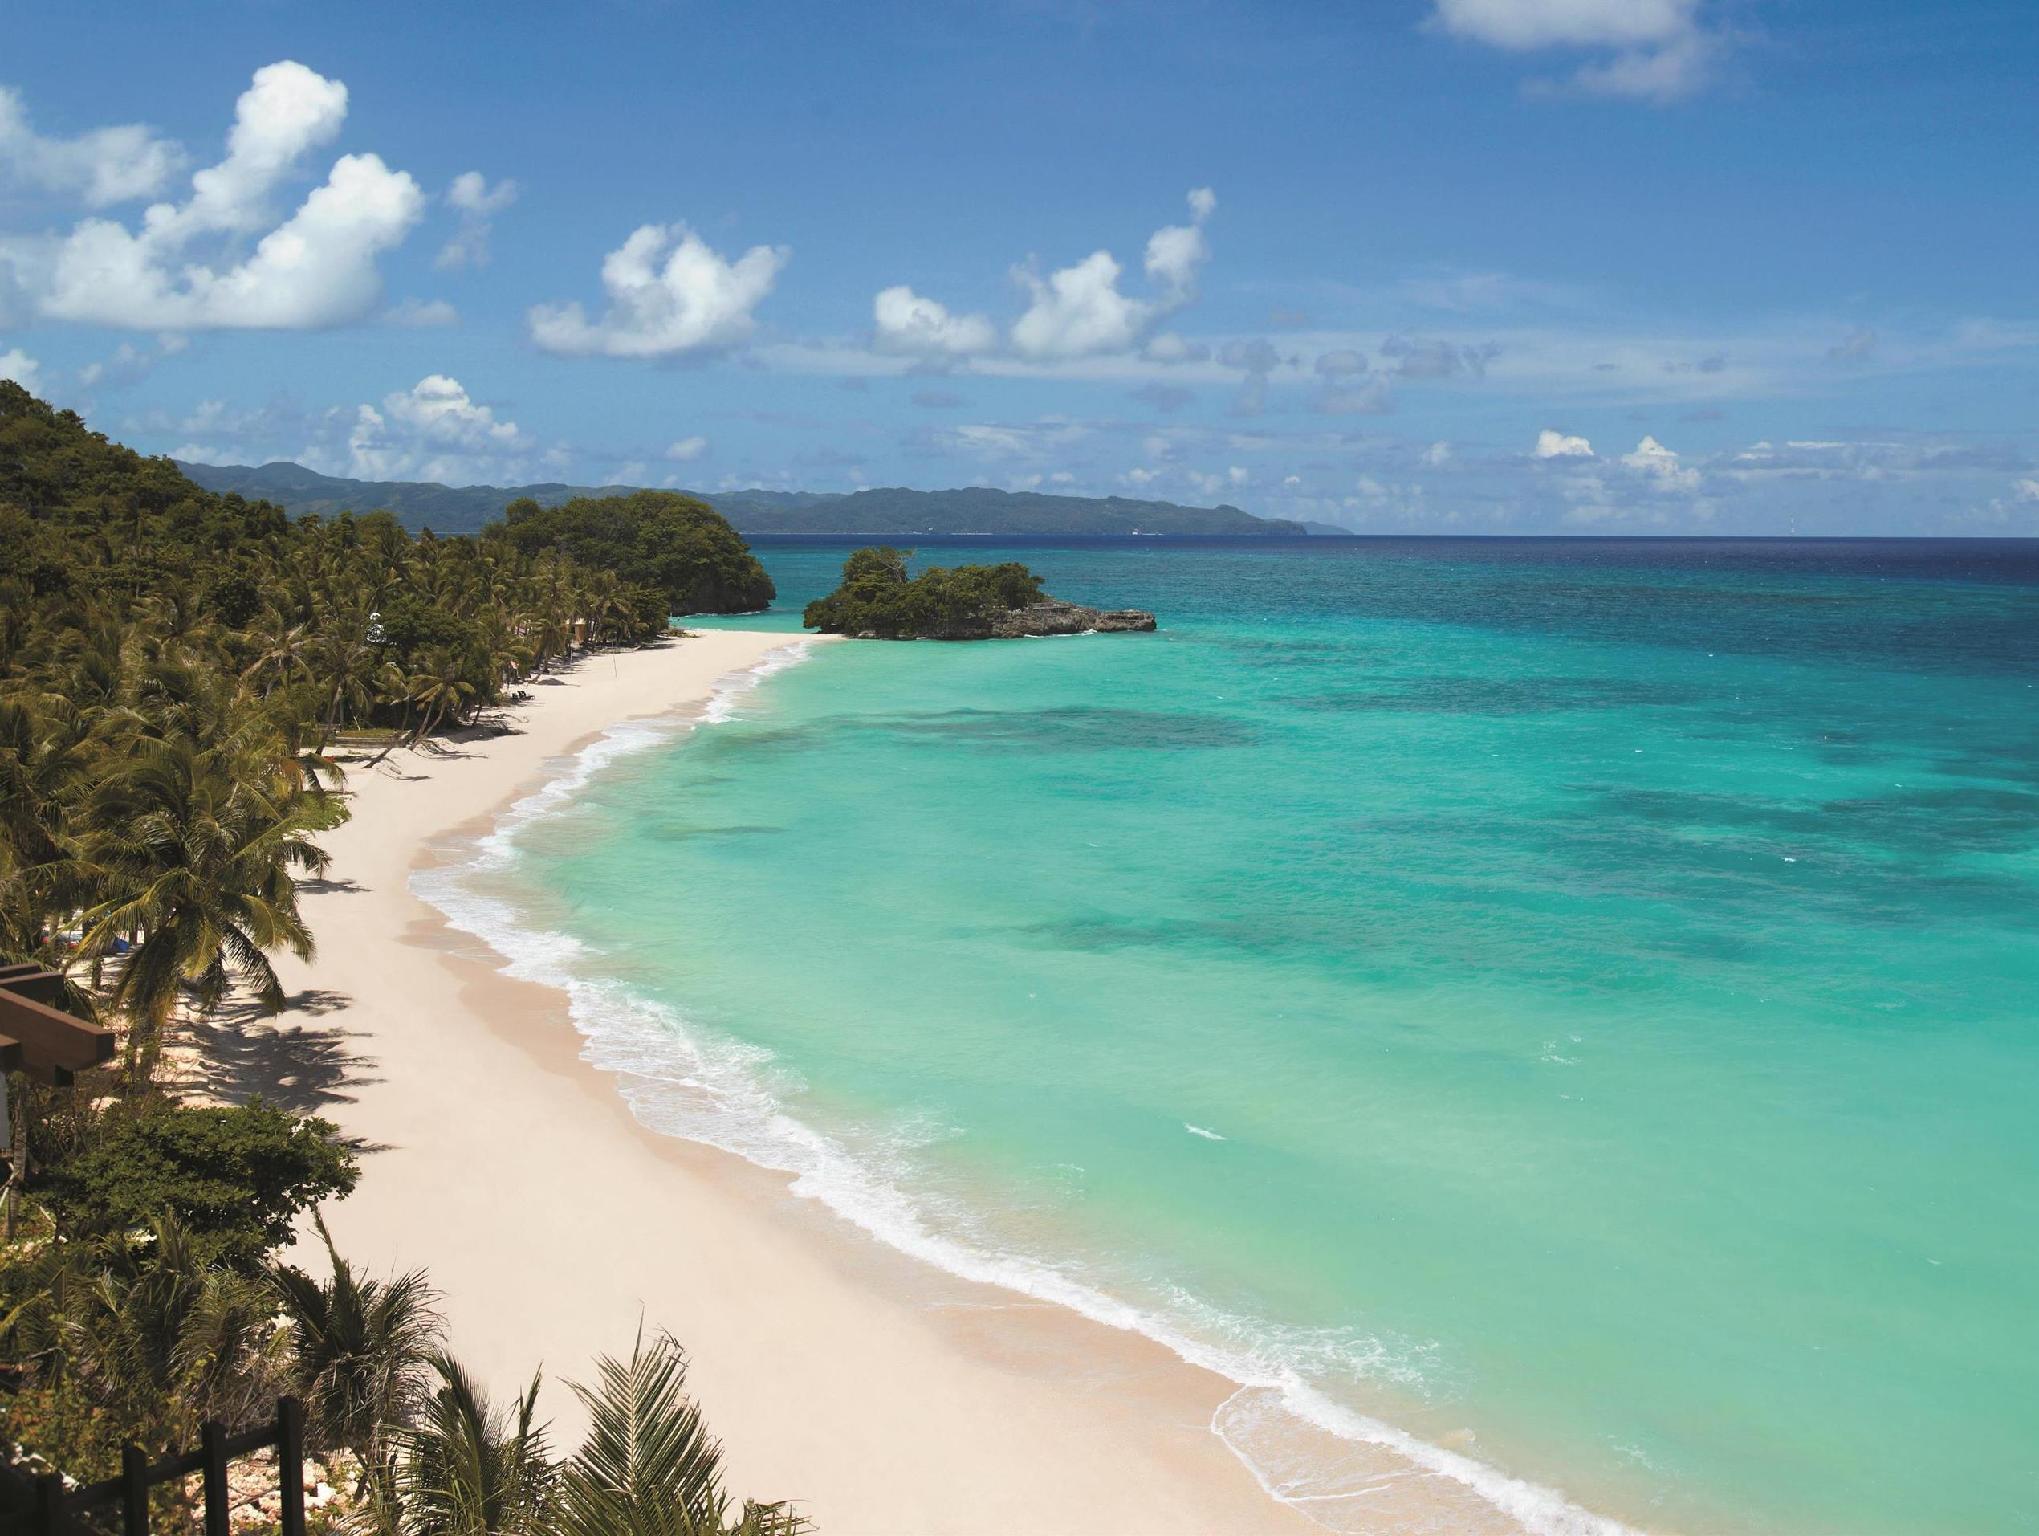 128431 16051707390042384270 - Beliebte Hotels auf Boracay - nach Lage & Budget sortiert